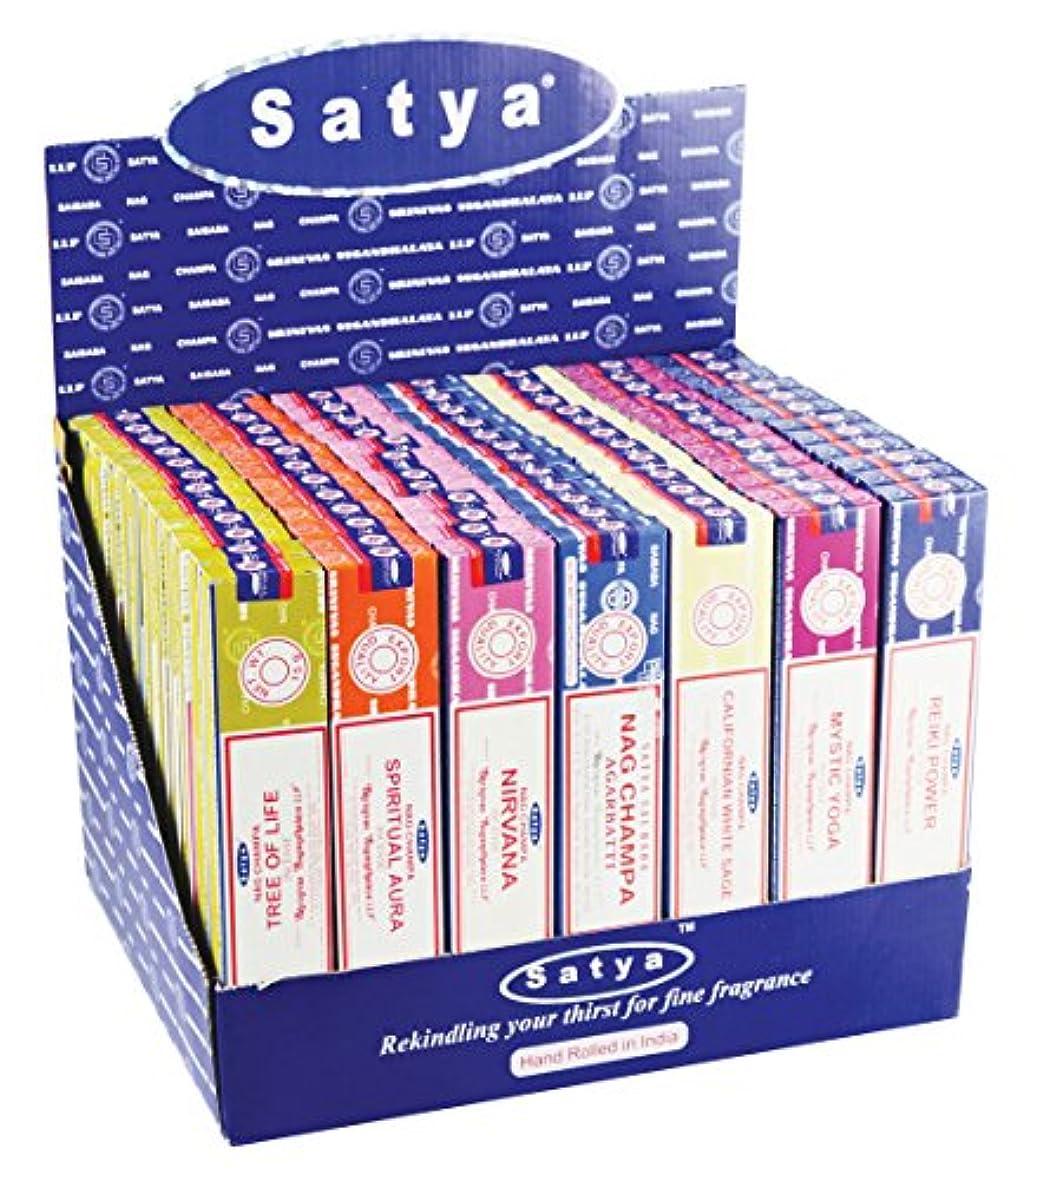 南西解読するくつろぎ84pc表示 – Satya Incense VFMシリーズ2 – 15 gm/Assorted